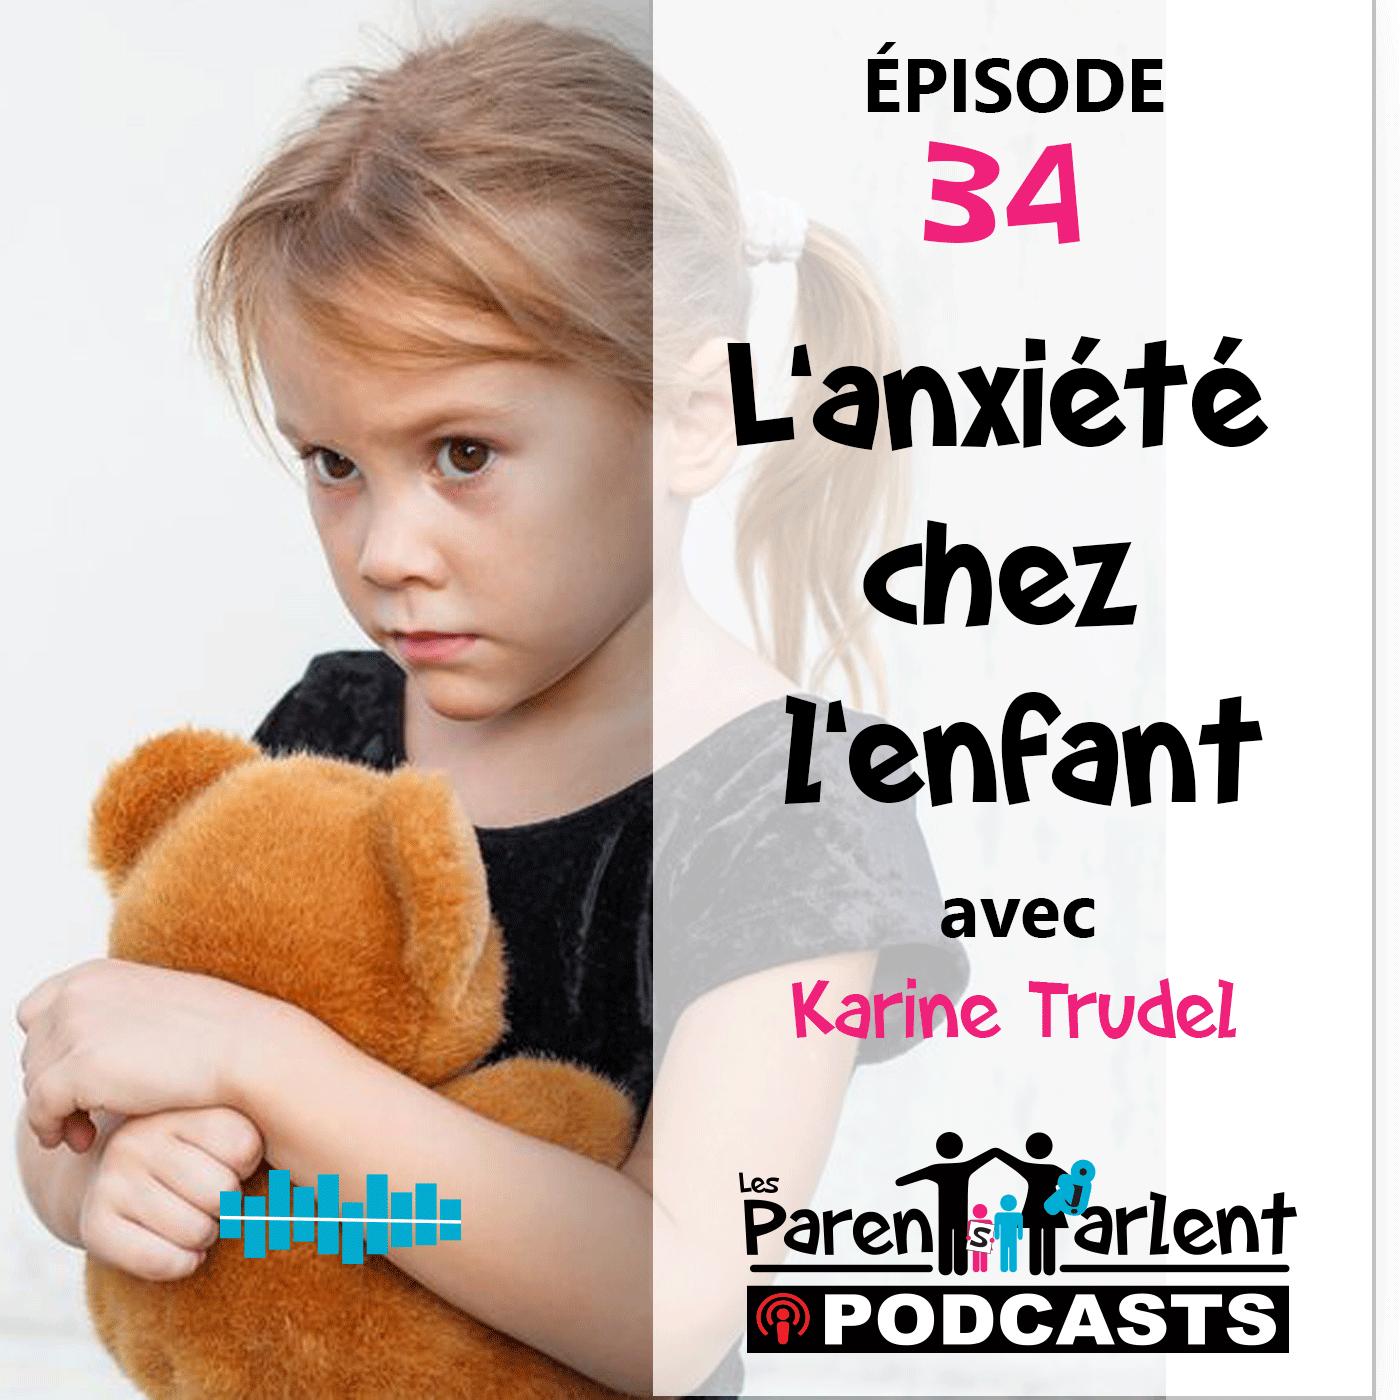 L'anxiété chez l'enfant avec Karine Trudel – Les Parents Parlent